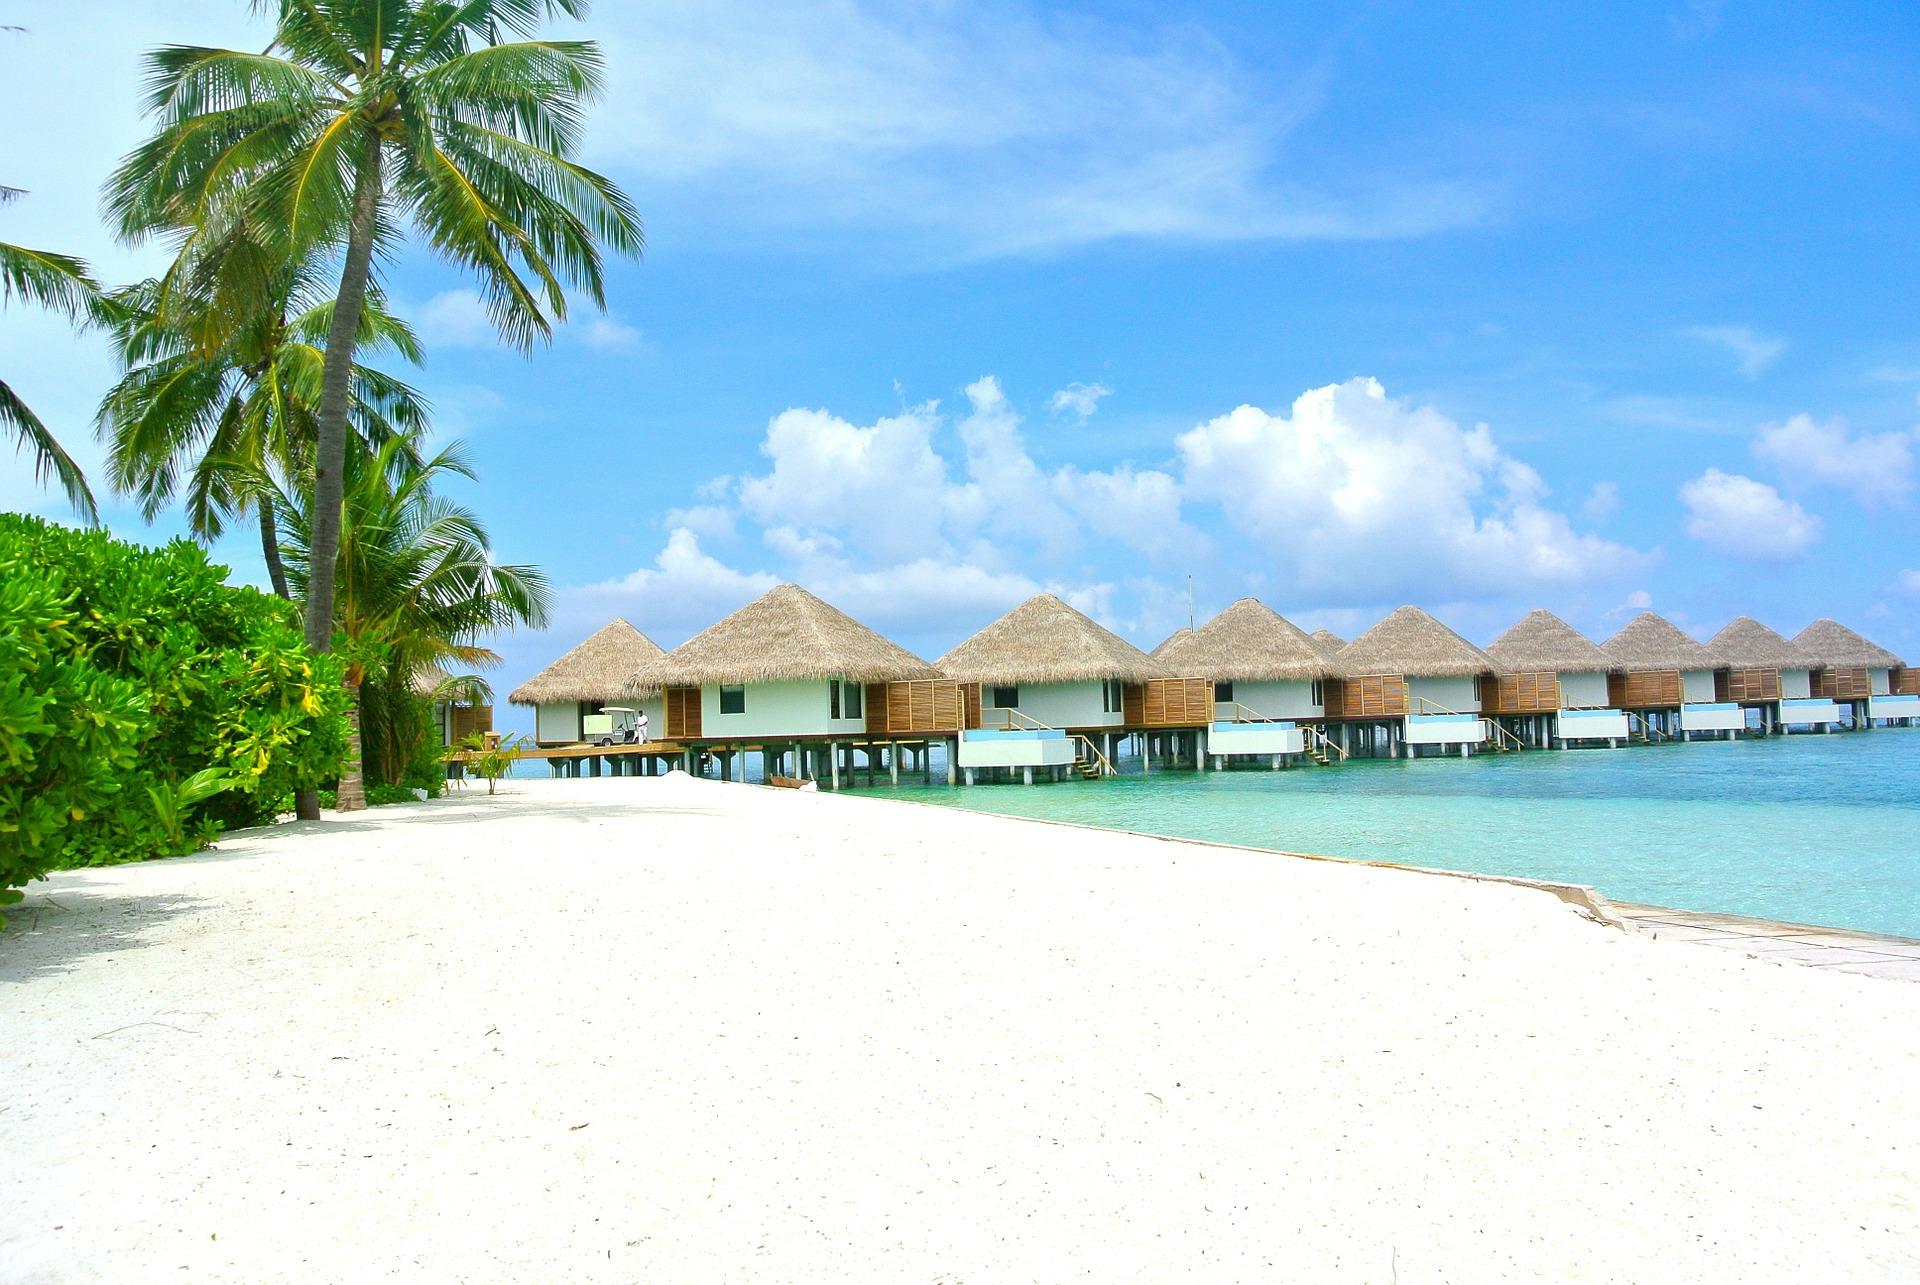 Почивка на Малдиви - 7 нощувки - 16.11.2021 г.